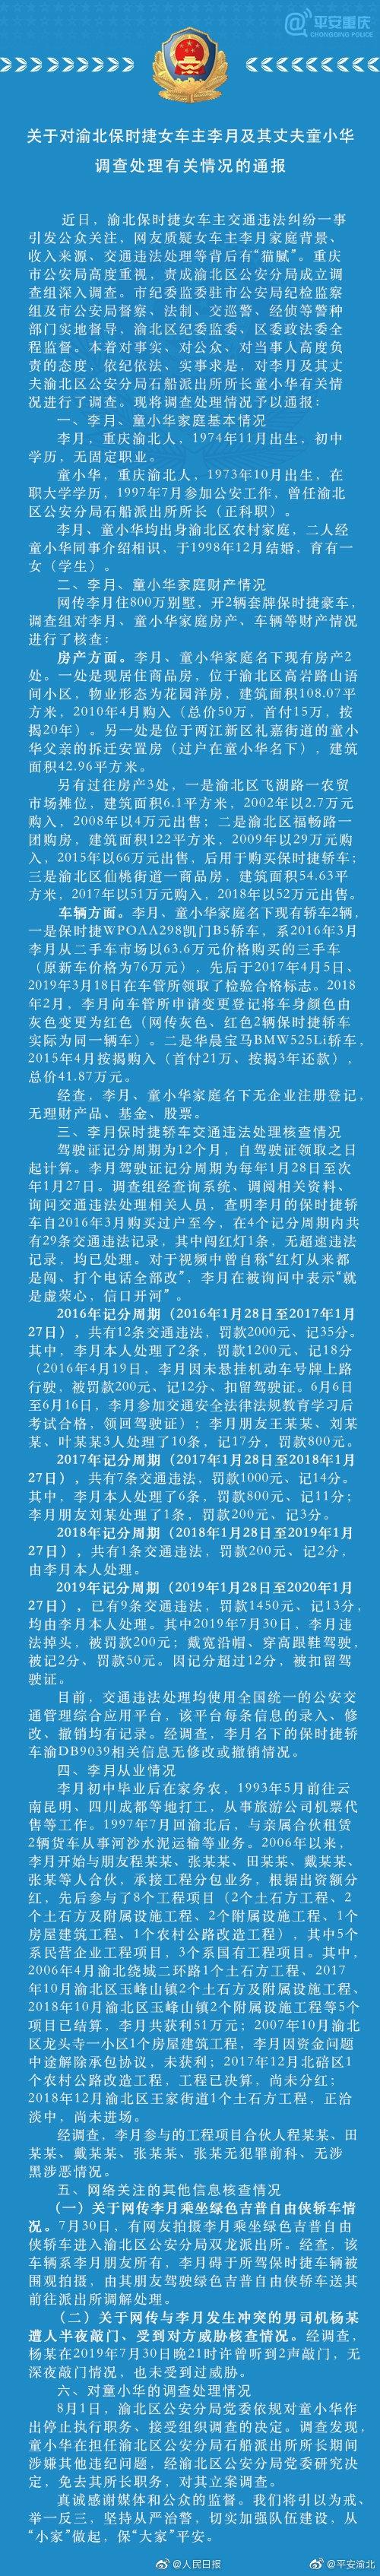 """""""保时捷女车主""""事件官方调查通报出炉:丈夫被免职"""